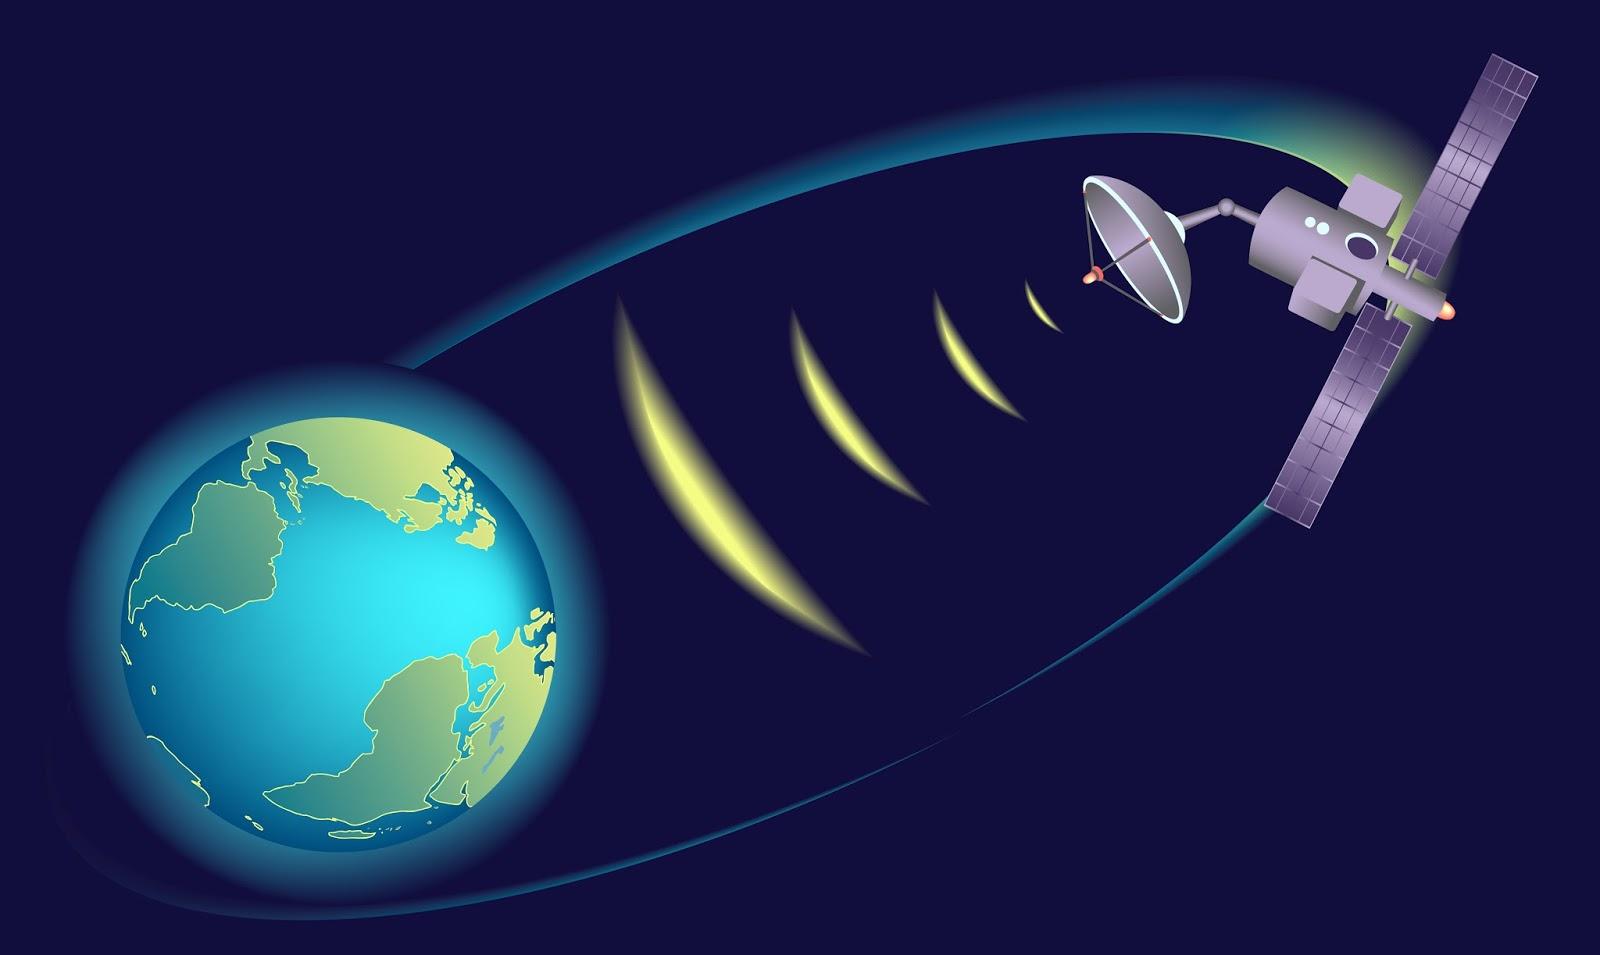 Спутник / Satellite